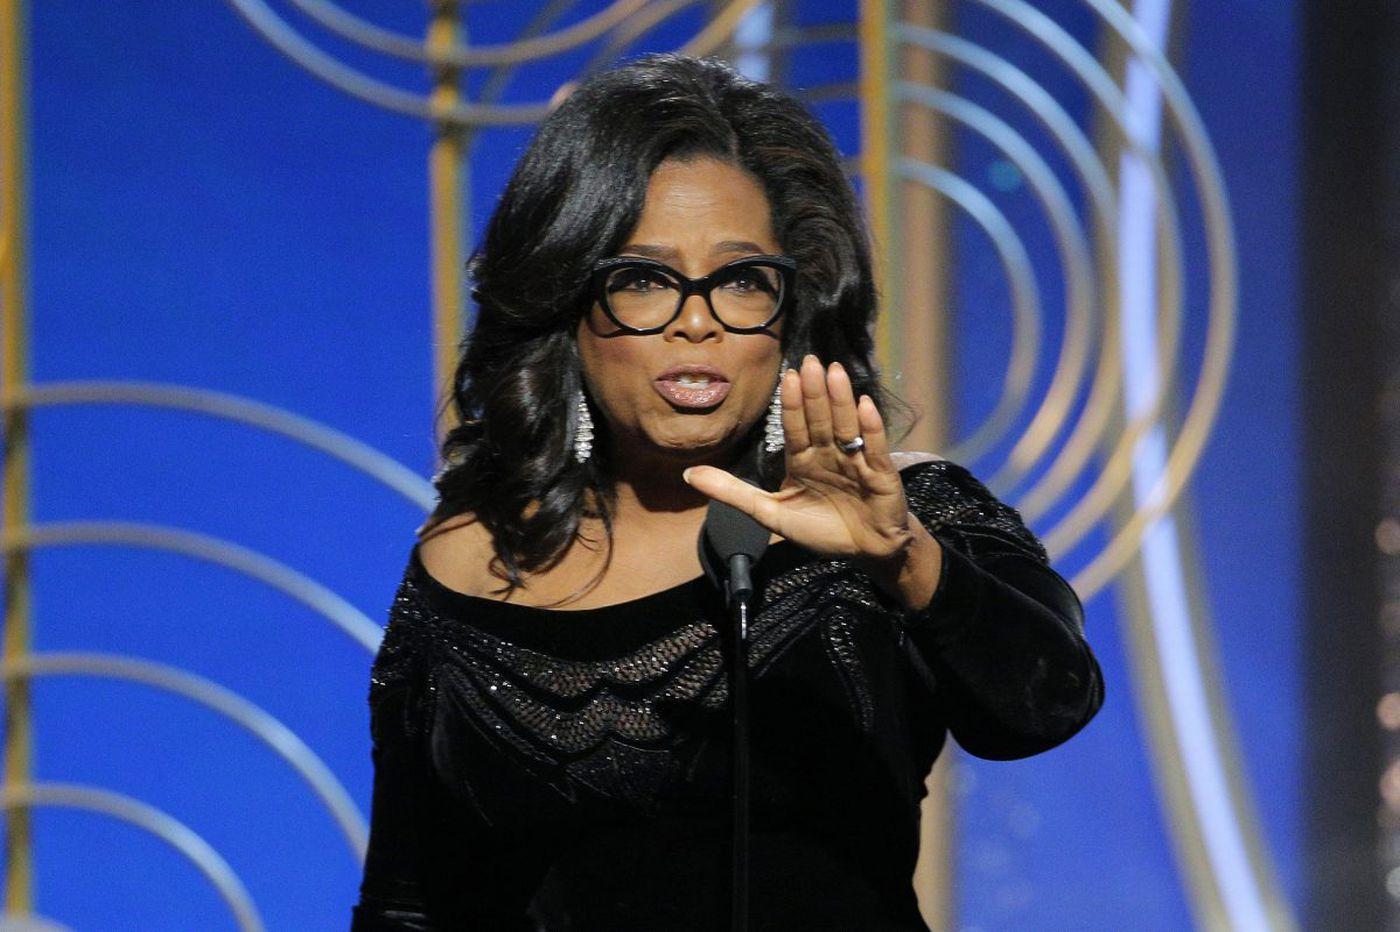 Oprah reportedly considering presidential bid; NBC deletes tweet